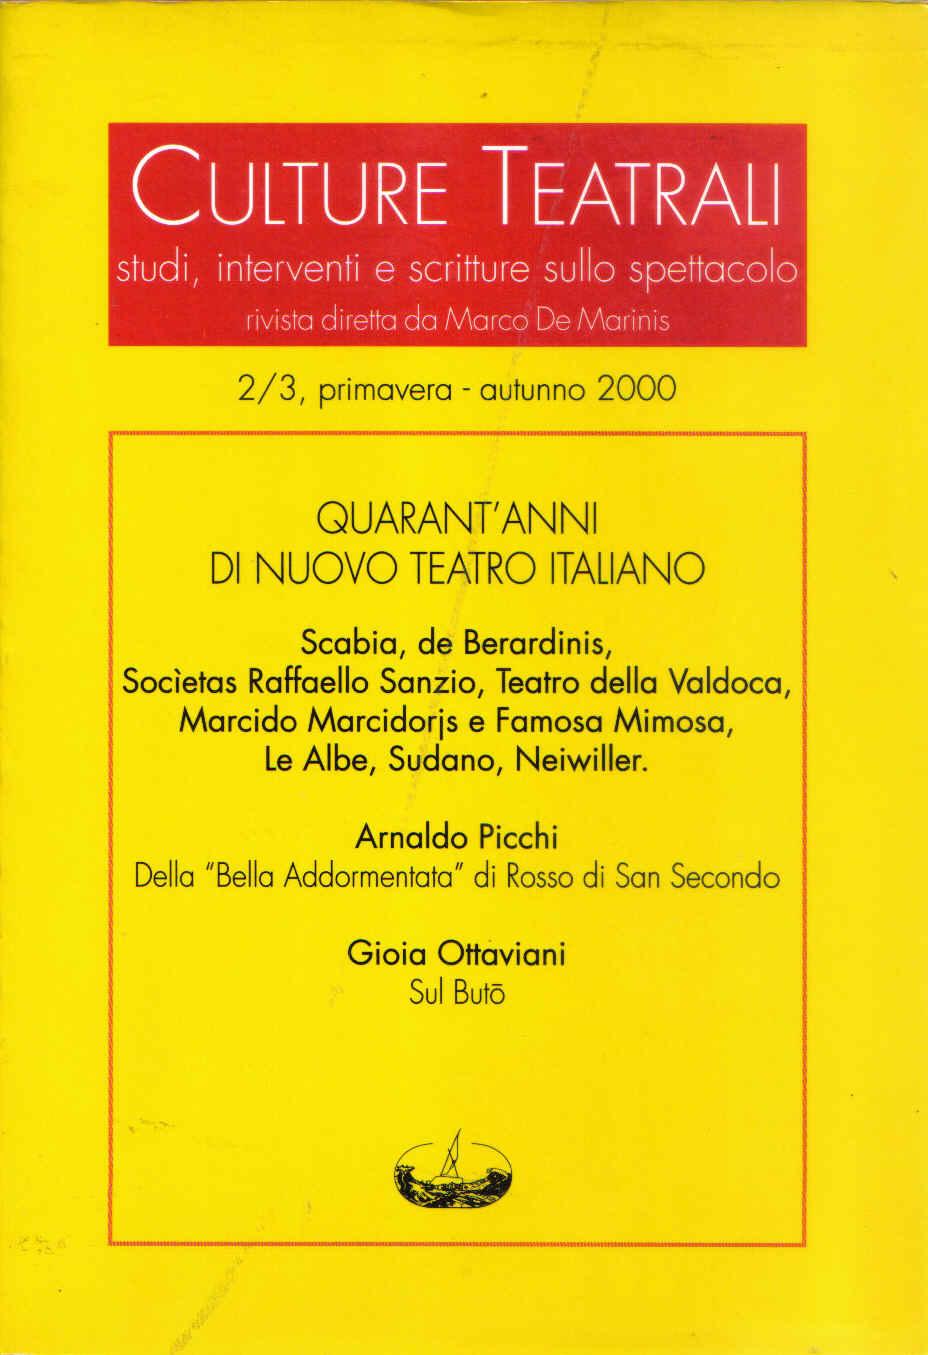 Culture teatrali 2/3 (primavera-autunno 2000)